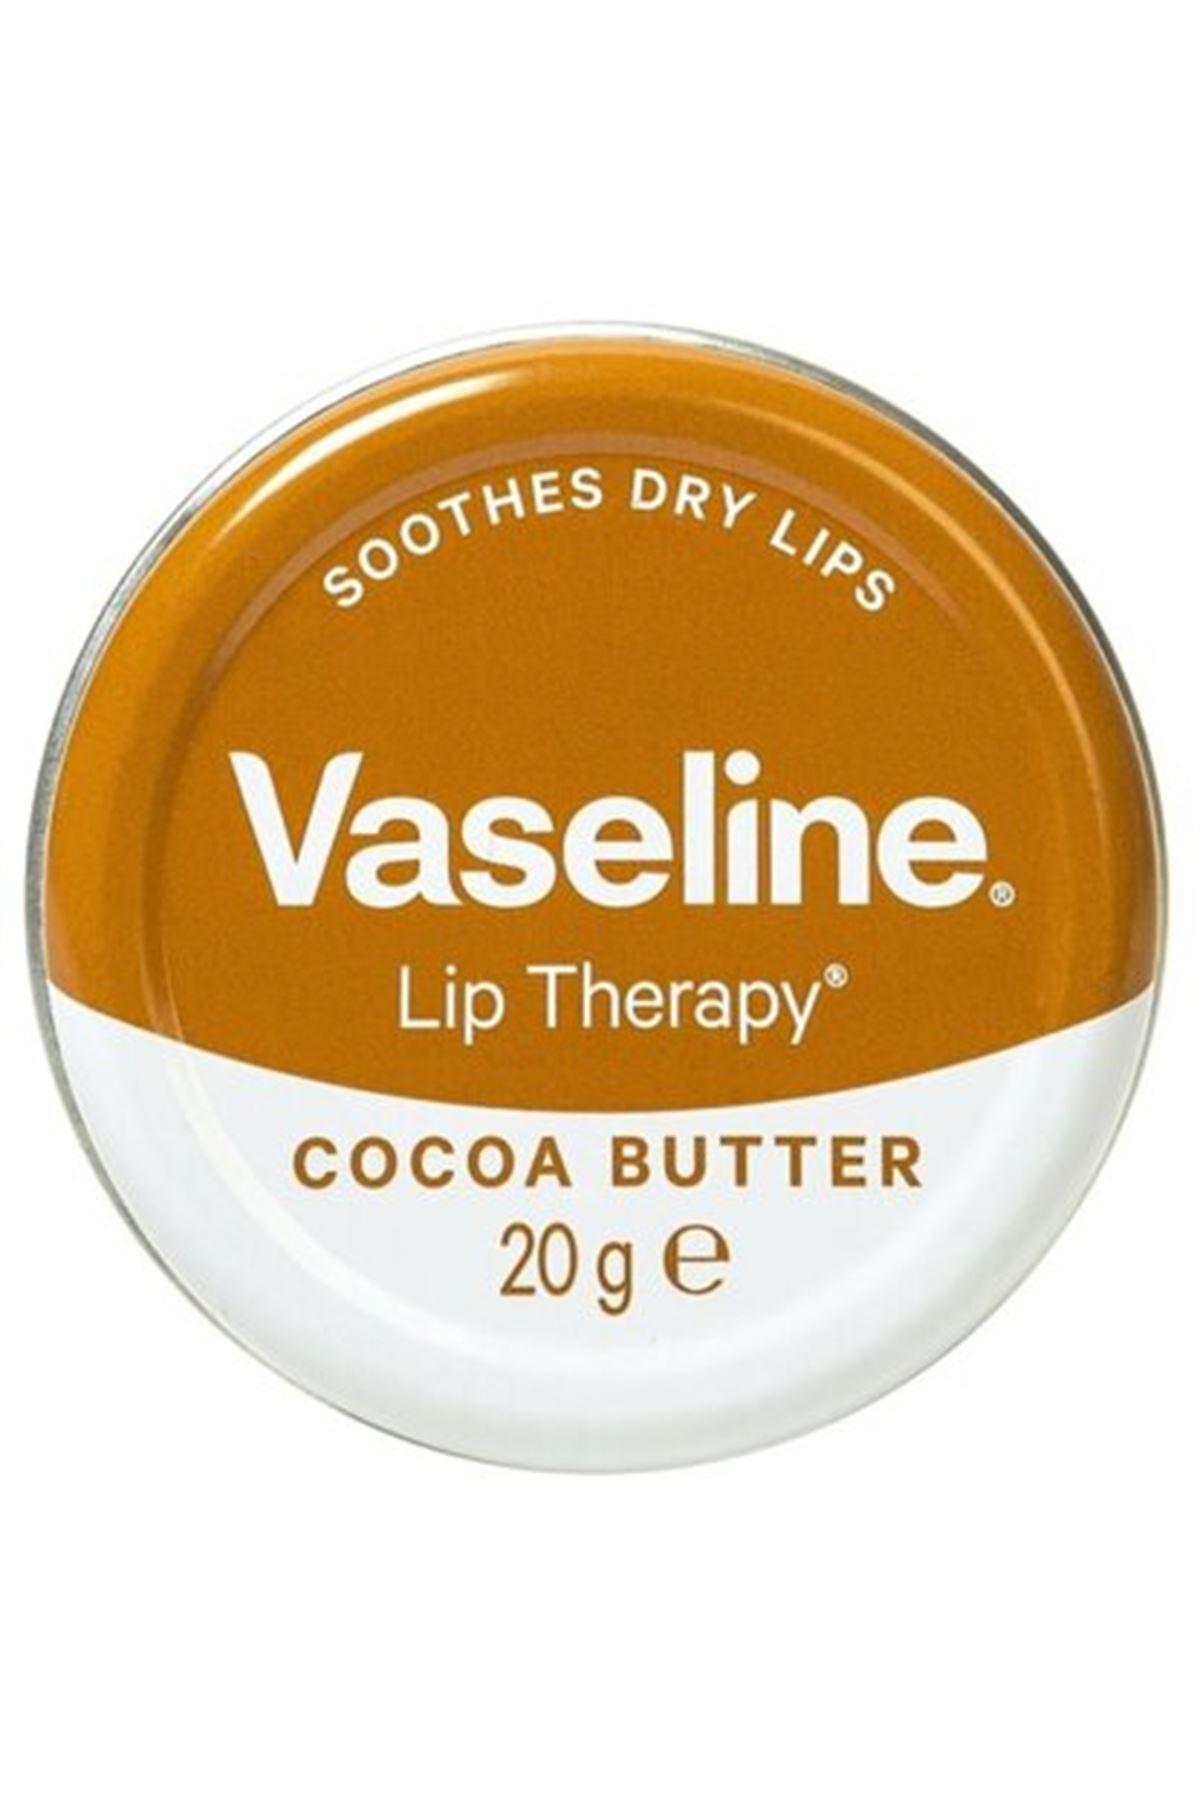 Vaseline Cocoa Butter Lip Therapy Yumuşatıcı Dudak Kremi 20 Gr